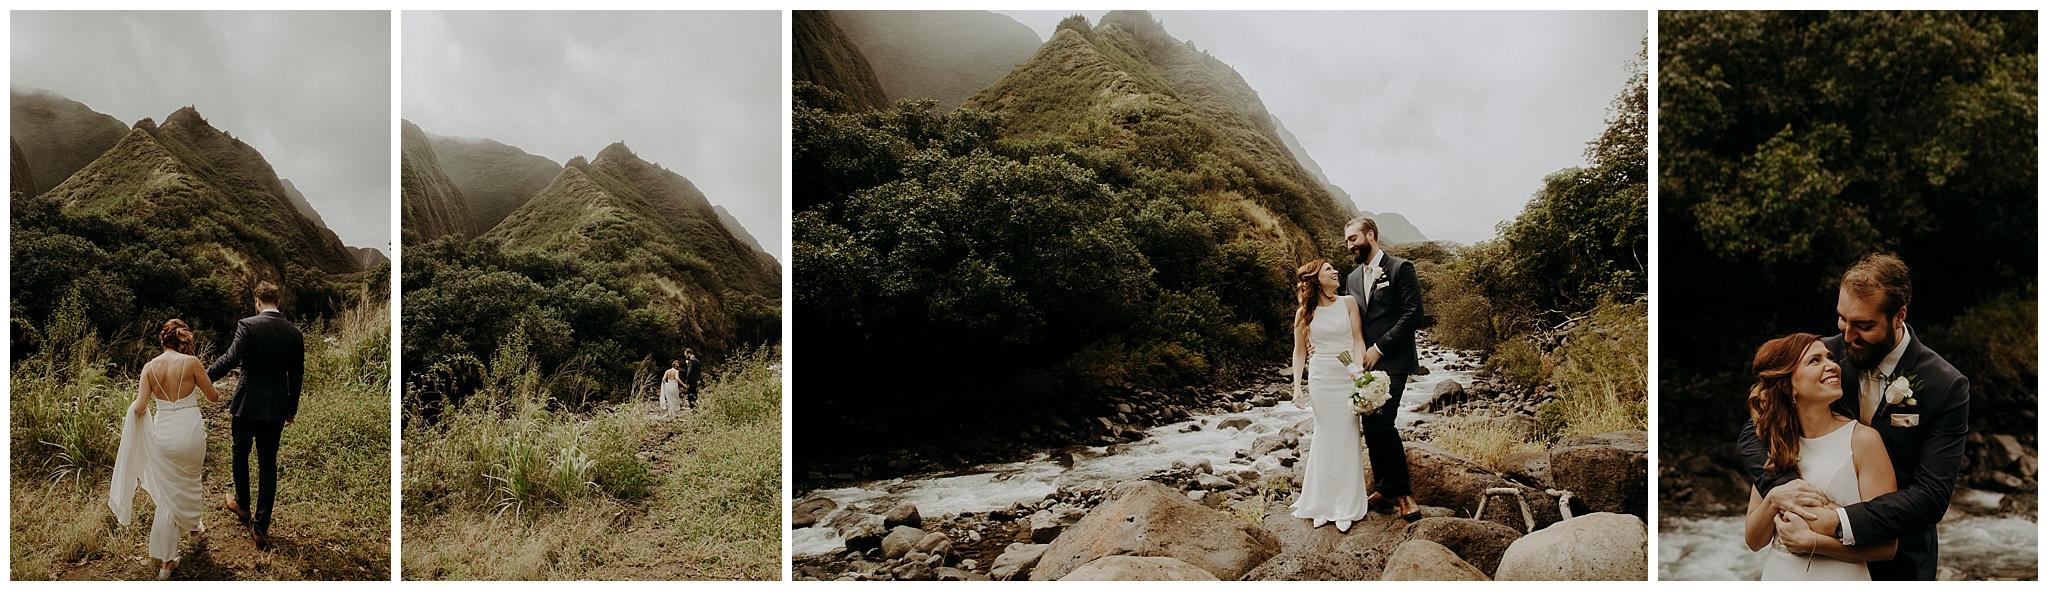 Hawaii-Elopement-Photographer3.jpg